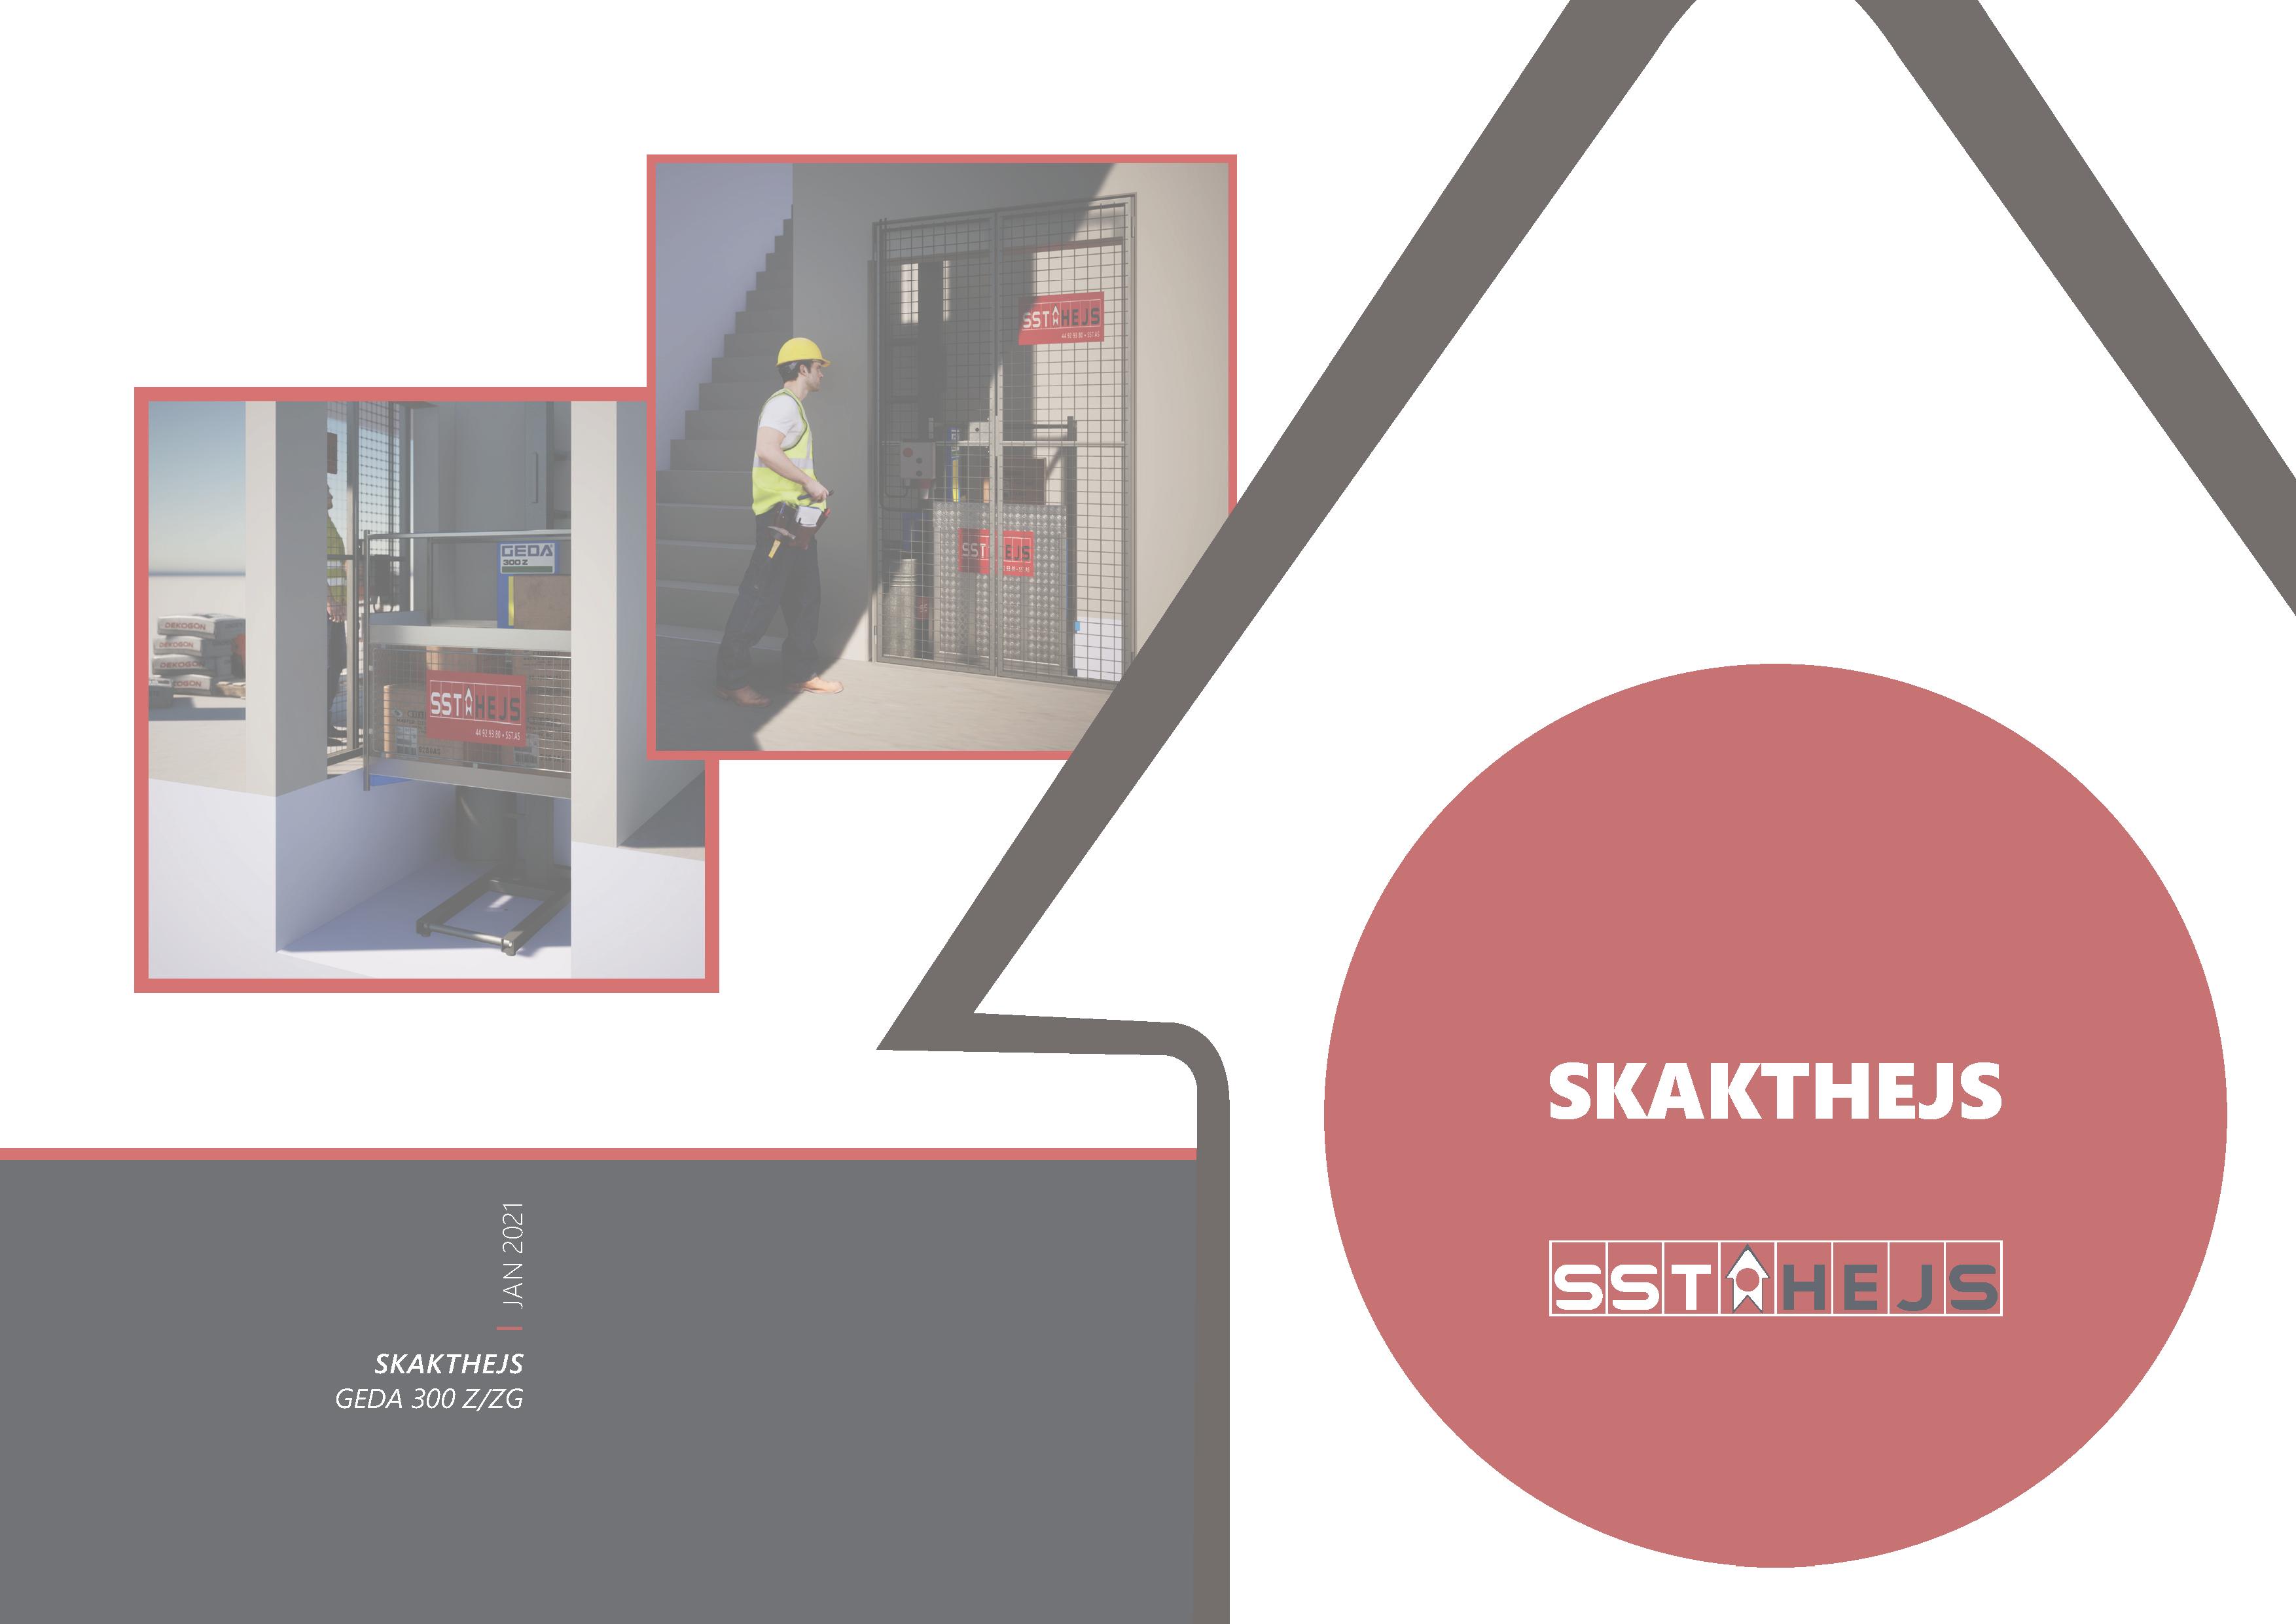 skakthejs-løsning illustreret i 3D af SST HEJS